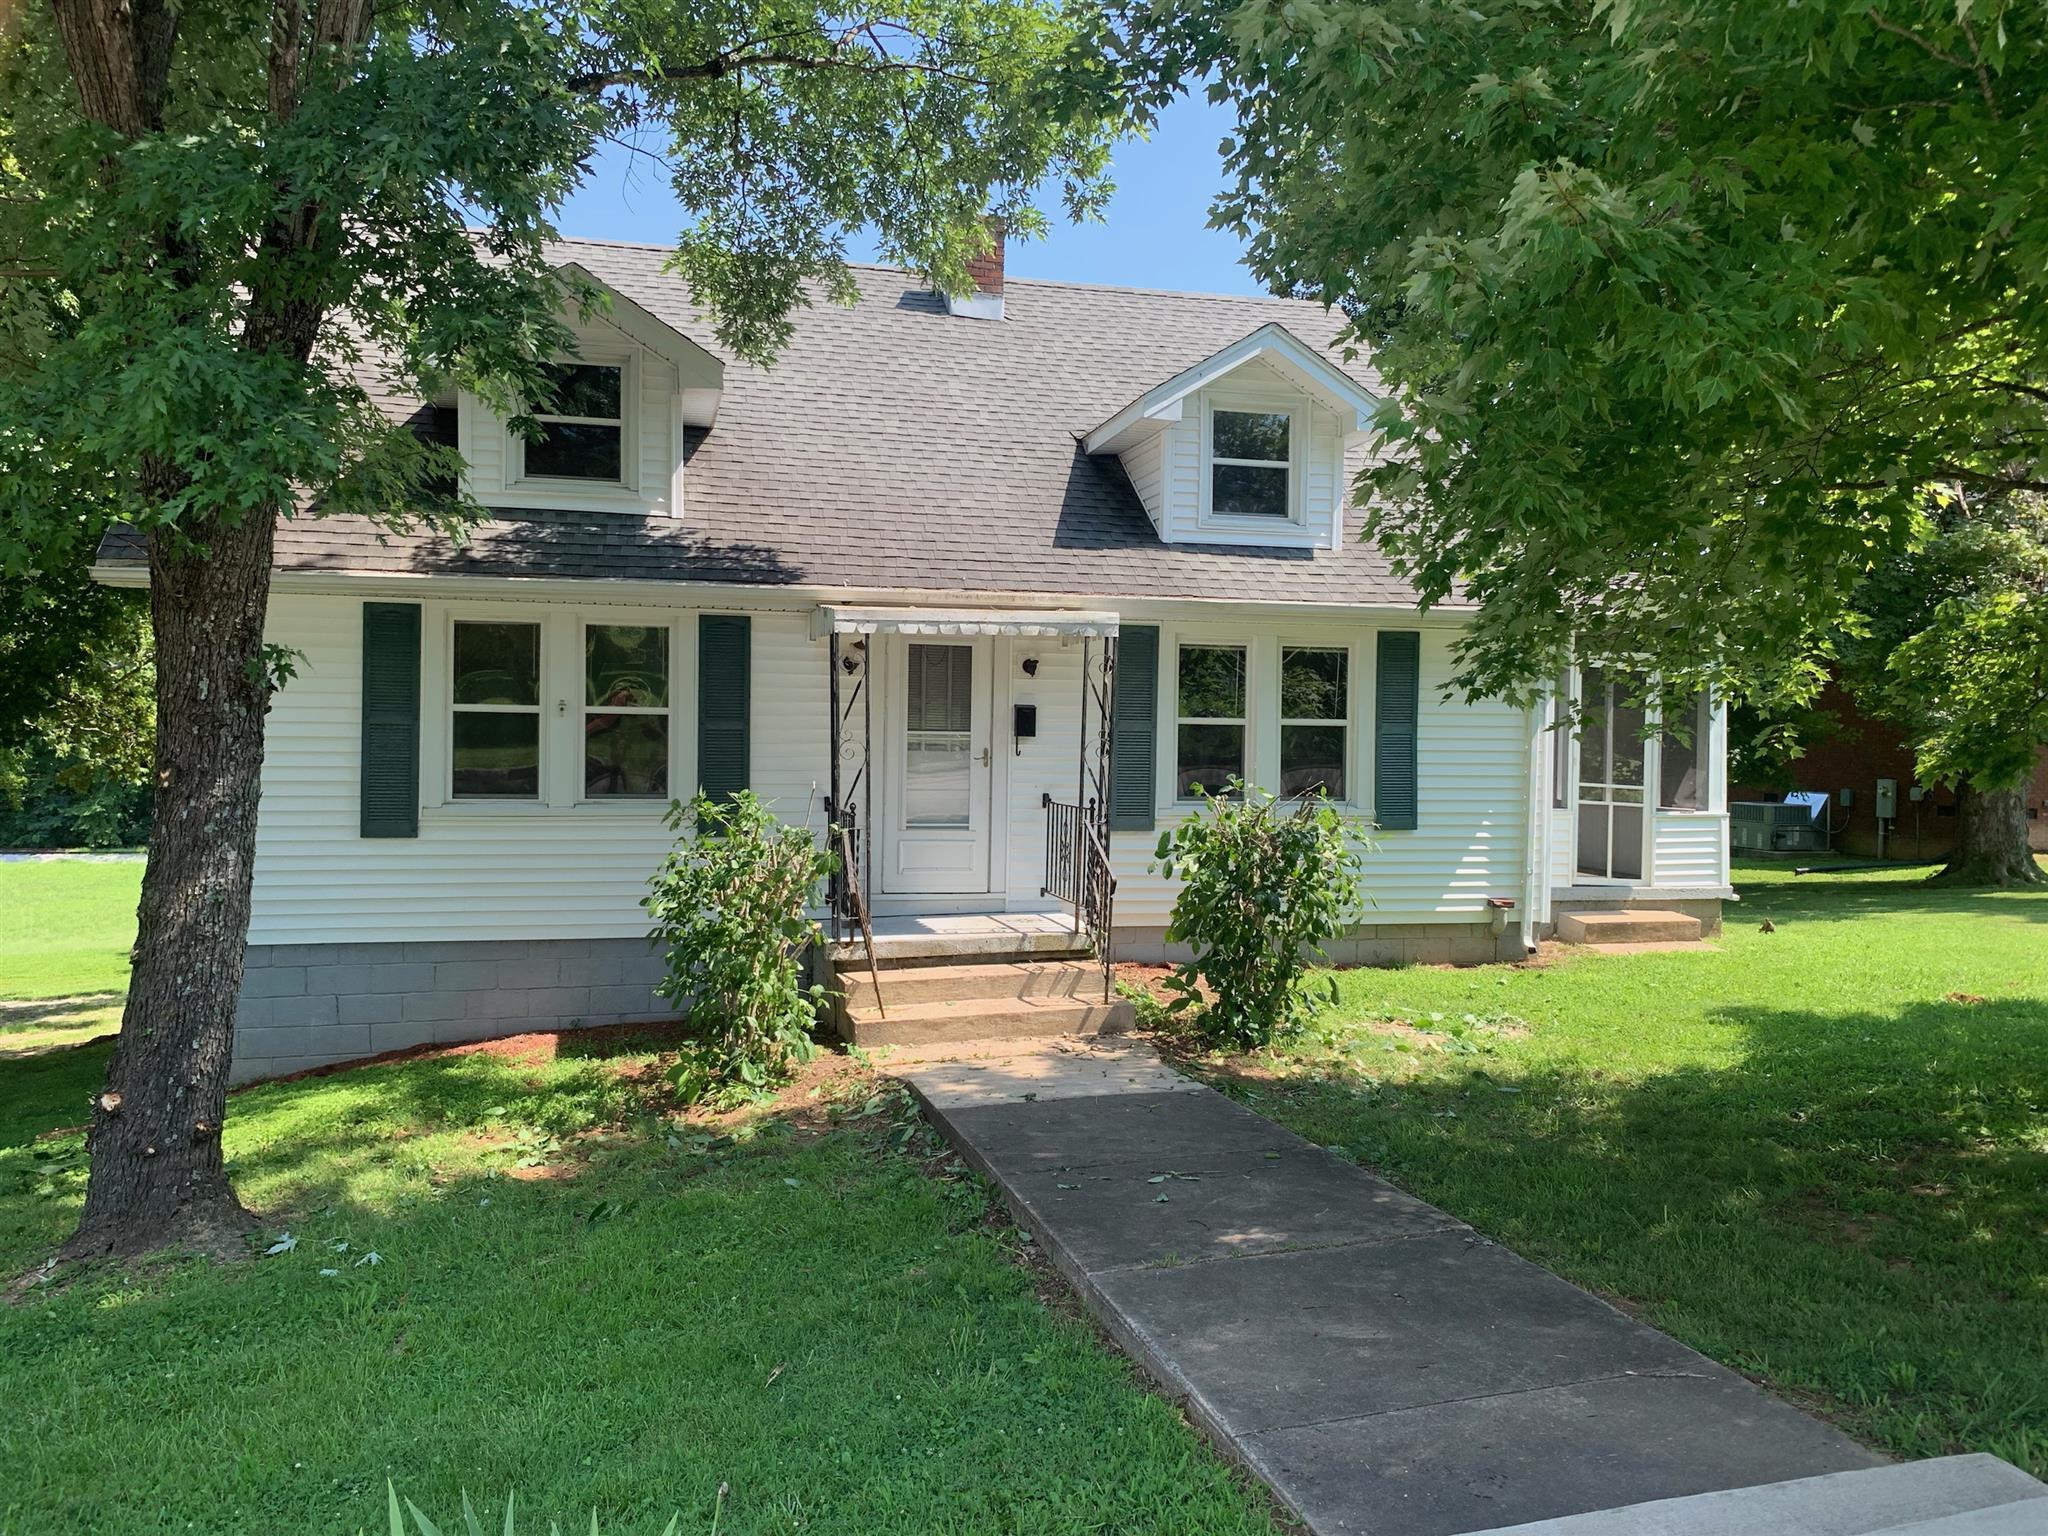 125 Main St E, Gordonsville, TN 38563 - Gordonsville, TN real estate listing